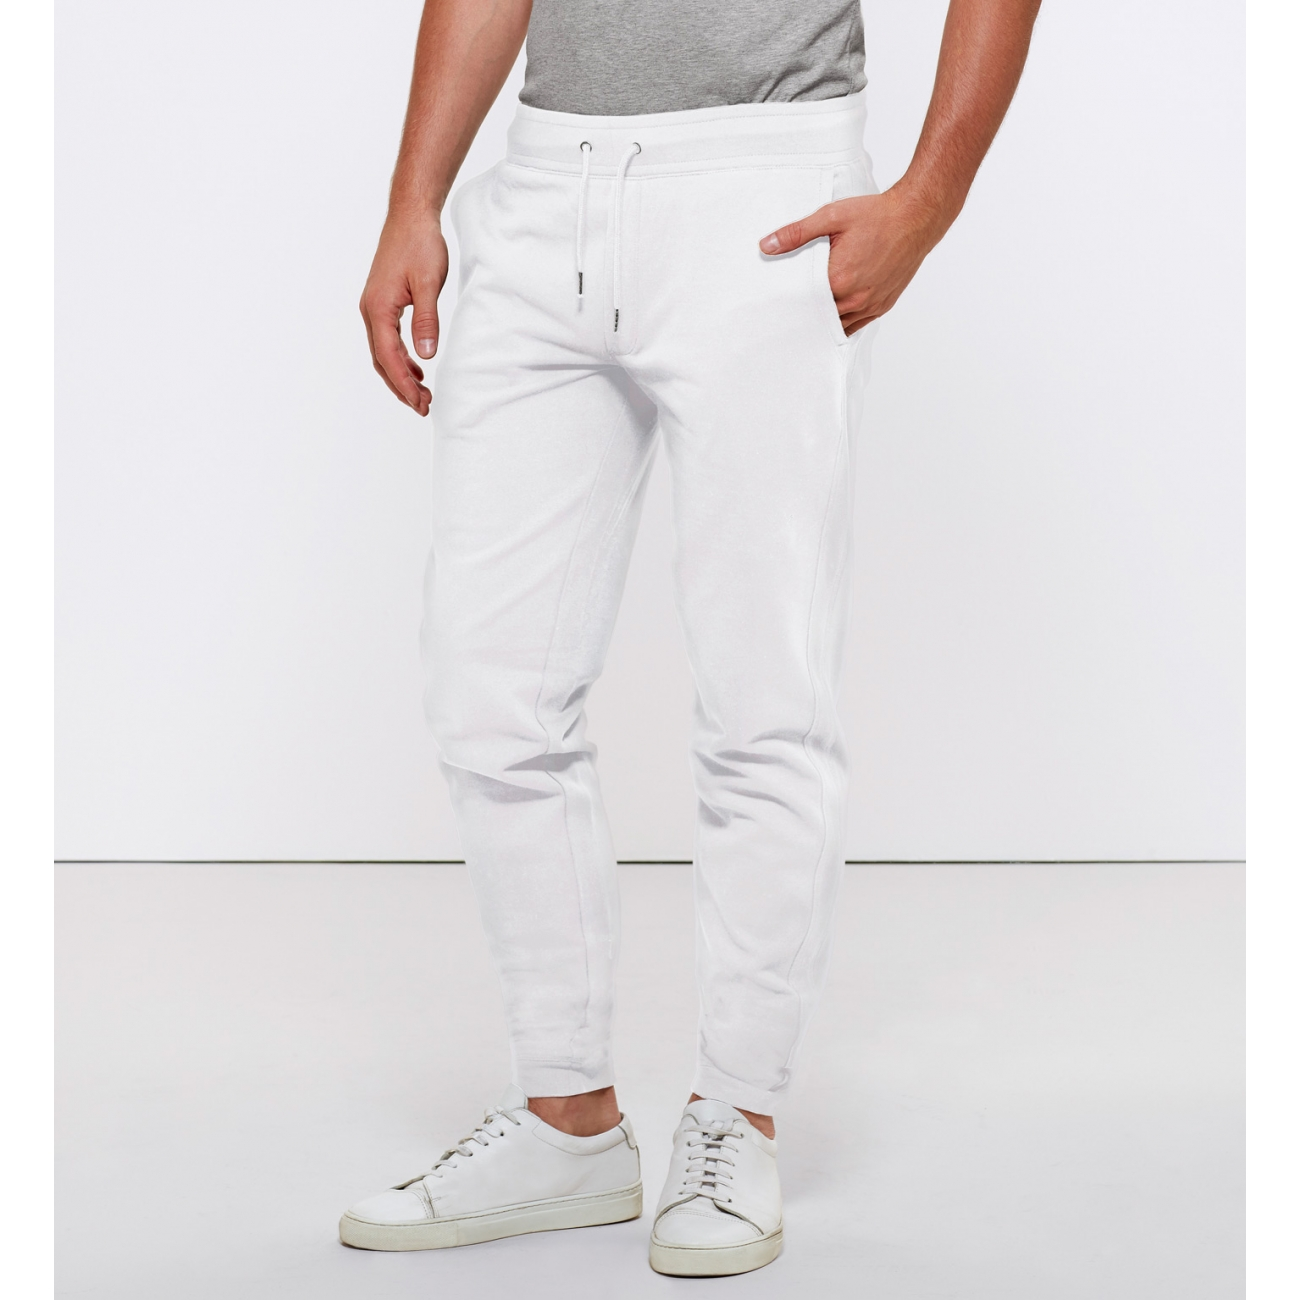 https://tee-shirt-bio.com/5742-thickbox_default/pantalon-de-jogging-en-coton-bio-blanc-pour-homme.jpg